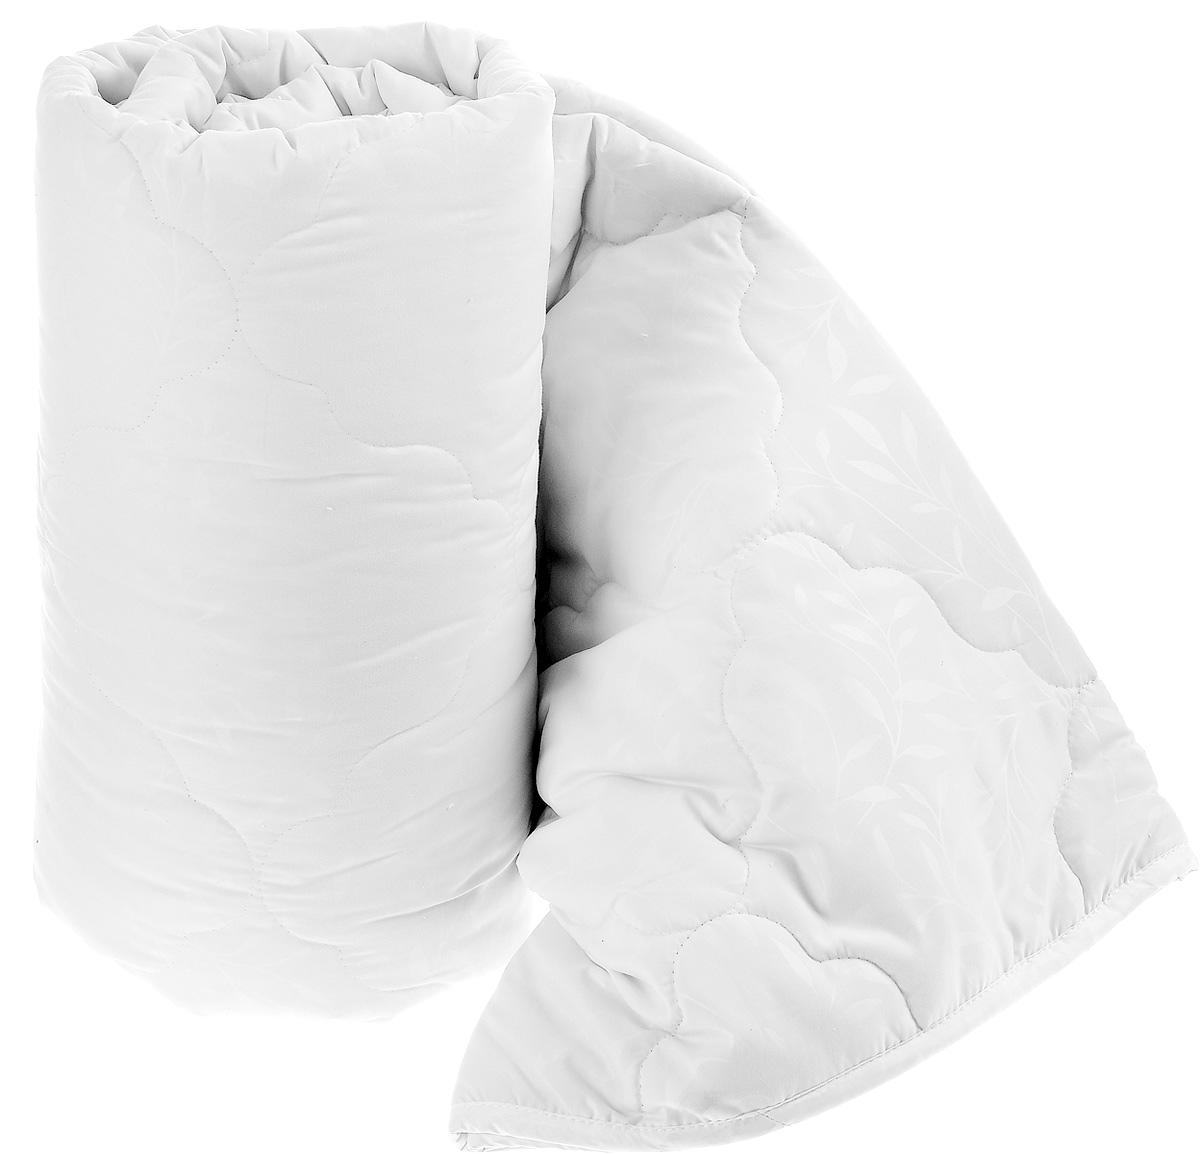 Одеяло Sova & Javoronok, наполнитель: верблюжья шерсть, микрофибра, цвет: белый, 200 х 220 см5030116350Чехол одеяла Sova & Javoronok выполнен из высококачественной микрофибры (100% полиэстера). Наполнитель одеяла изготовлен из верблюжьей шерсти и полиэфирного волокна. Стежка надежно удерживает наполнитель внутри и не позволяет ему скатываться. Особенности наполнителя: - исключительные терморегулирующие свойства; - высокое качество прочеса и промывки шерсти; - великолепные ощущения комфорта и уюта. Верблюжья шерсть обладает целебными качествами, содержит наиболее высокий процент ланолина (животного воска), который является природным антисептиком и благоприятно воздействует на организм по целому ряду показателей: оказывает благотворное действие на мышцы, суставы, позвоночник, нормализует кровообращение, имеет профилактический эффект при заболевания опорно-двигательного аппарата. Кроме того, верблюжья шерсть антистатична. Шерсть верблюда сохраняет прохладу в период жаркого лета и удерживает тепло во время суровой зимы. ...